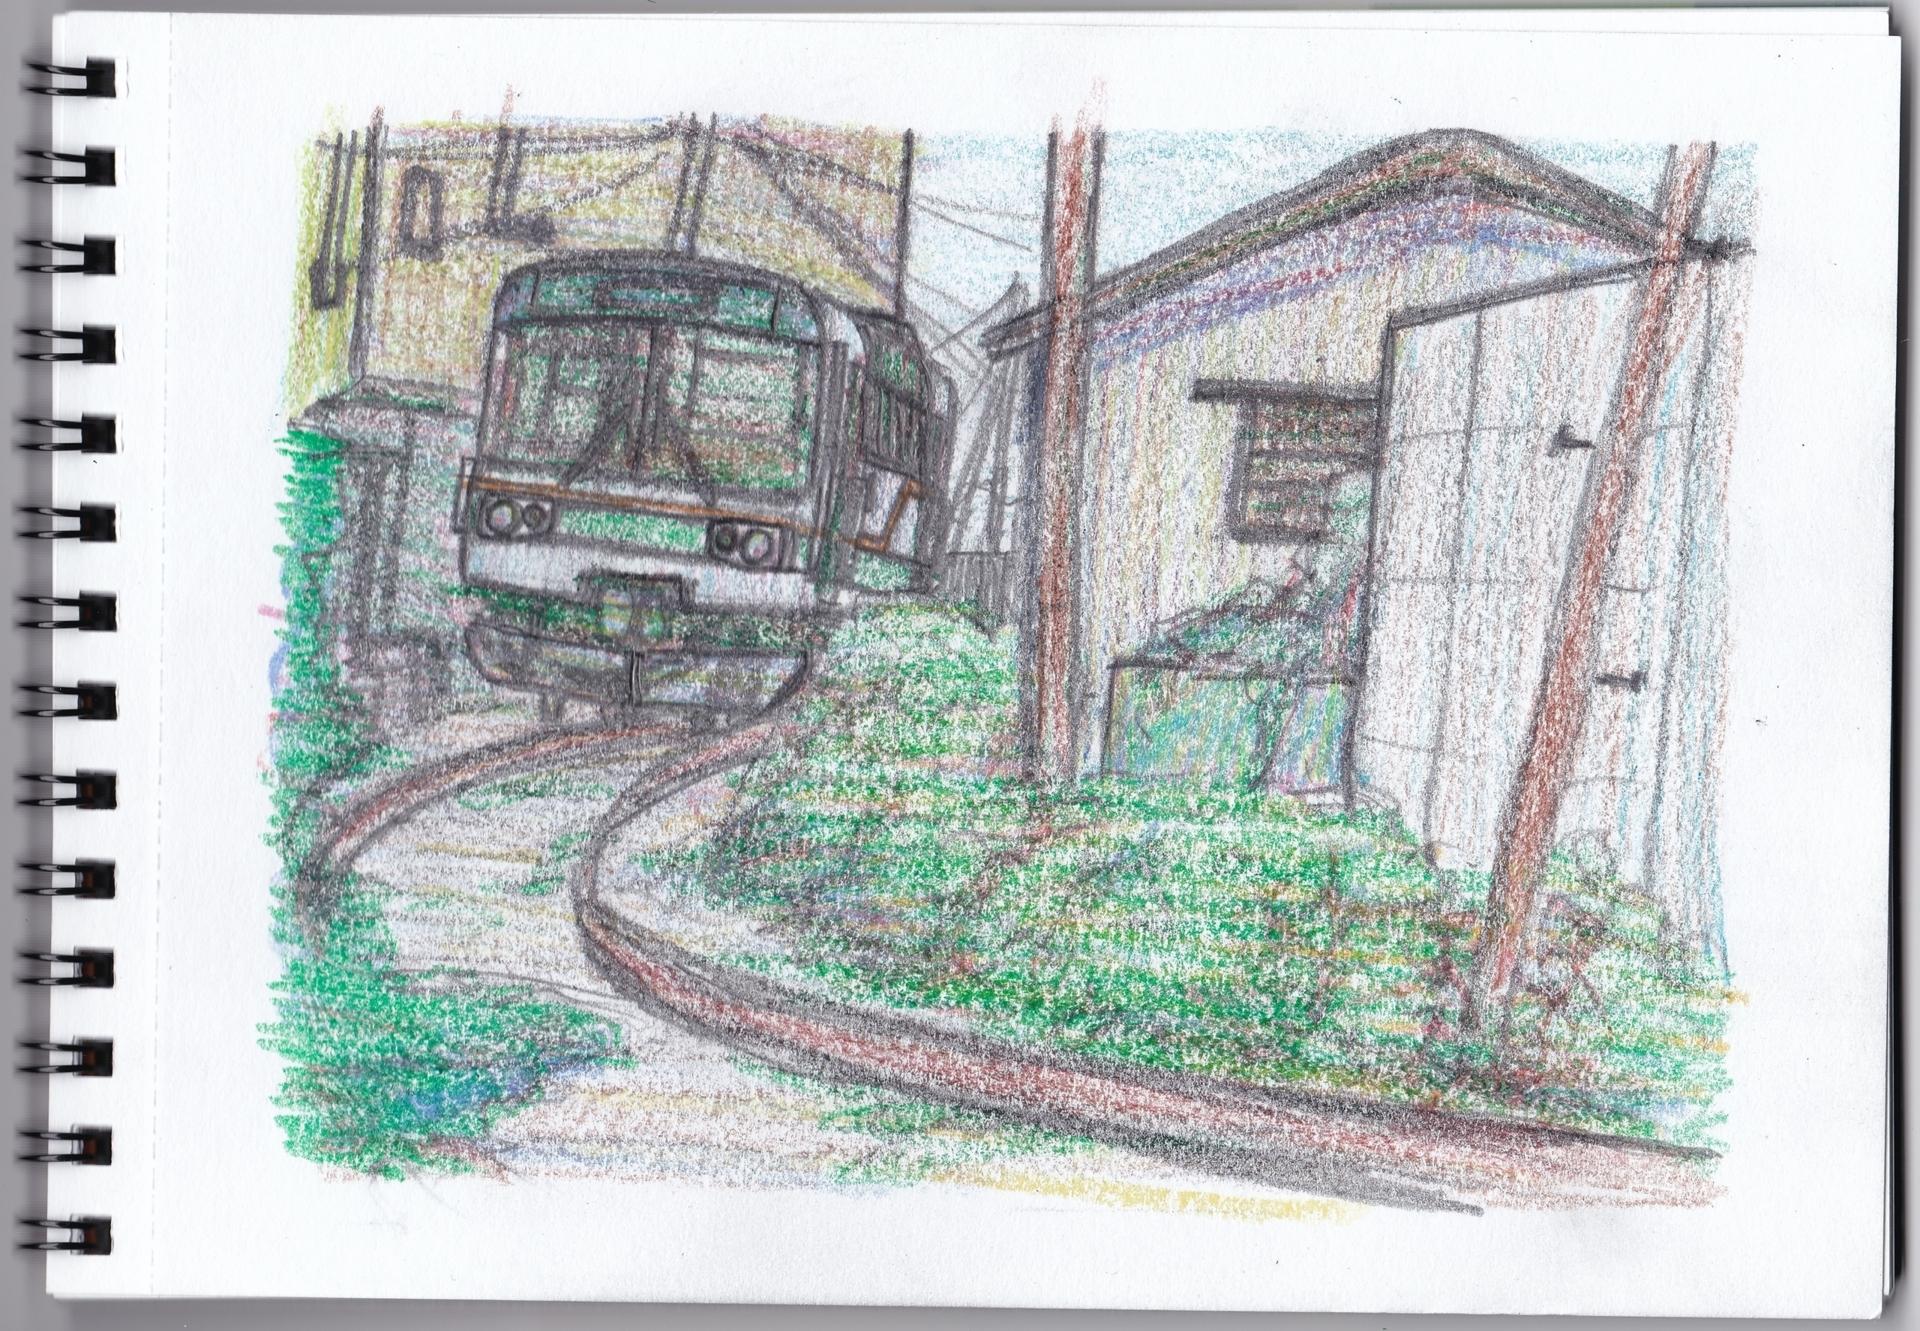 紀州鉄道レールバスのイラスト